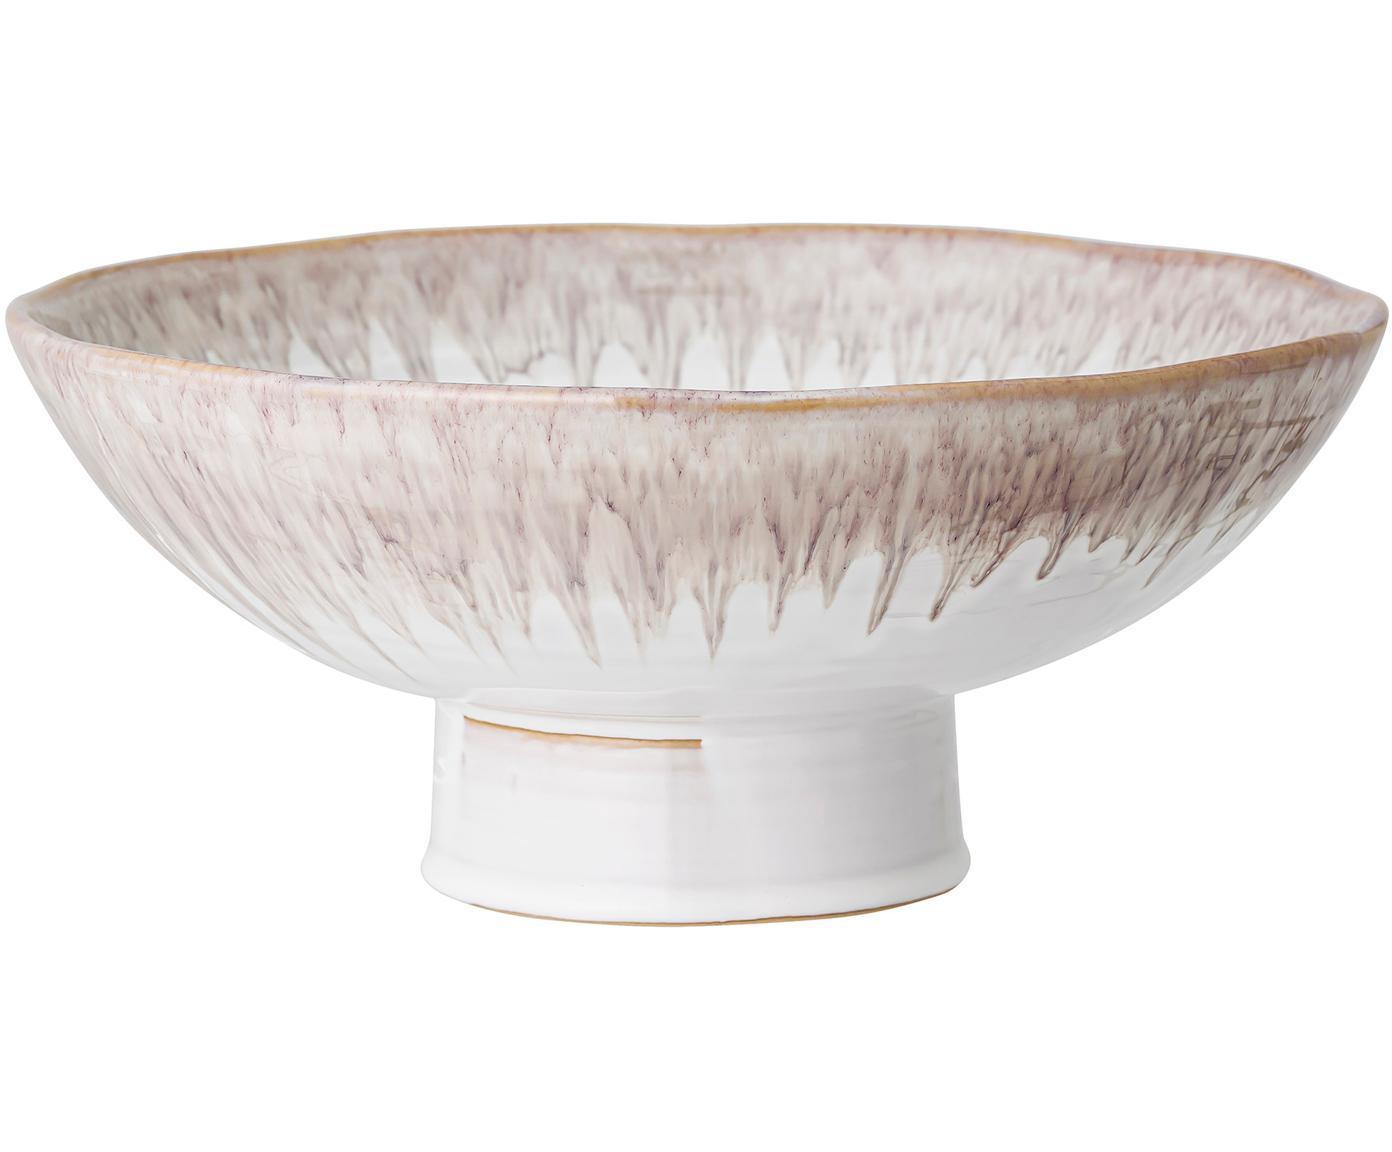 Handgemachte Schale Caya, Steingut, Beige, Ø 31 x H 13 cm